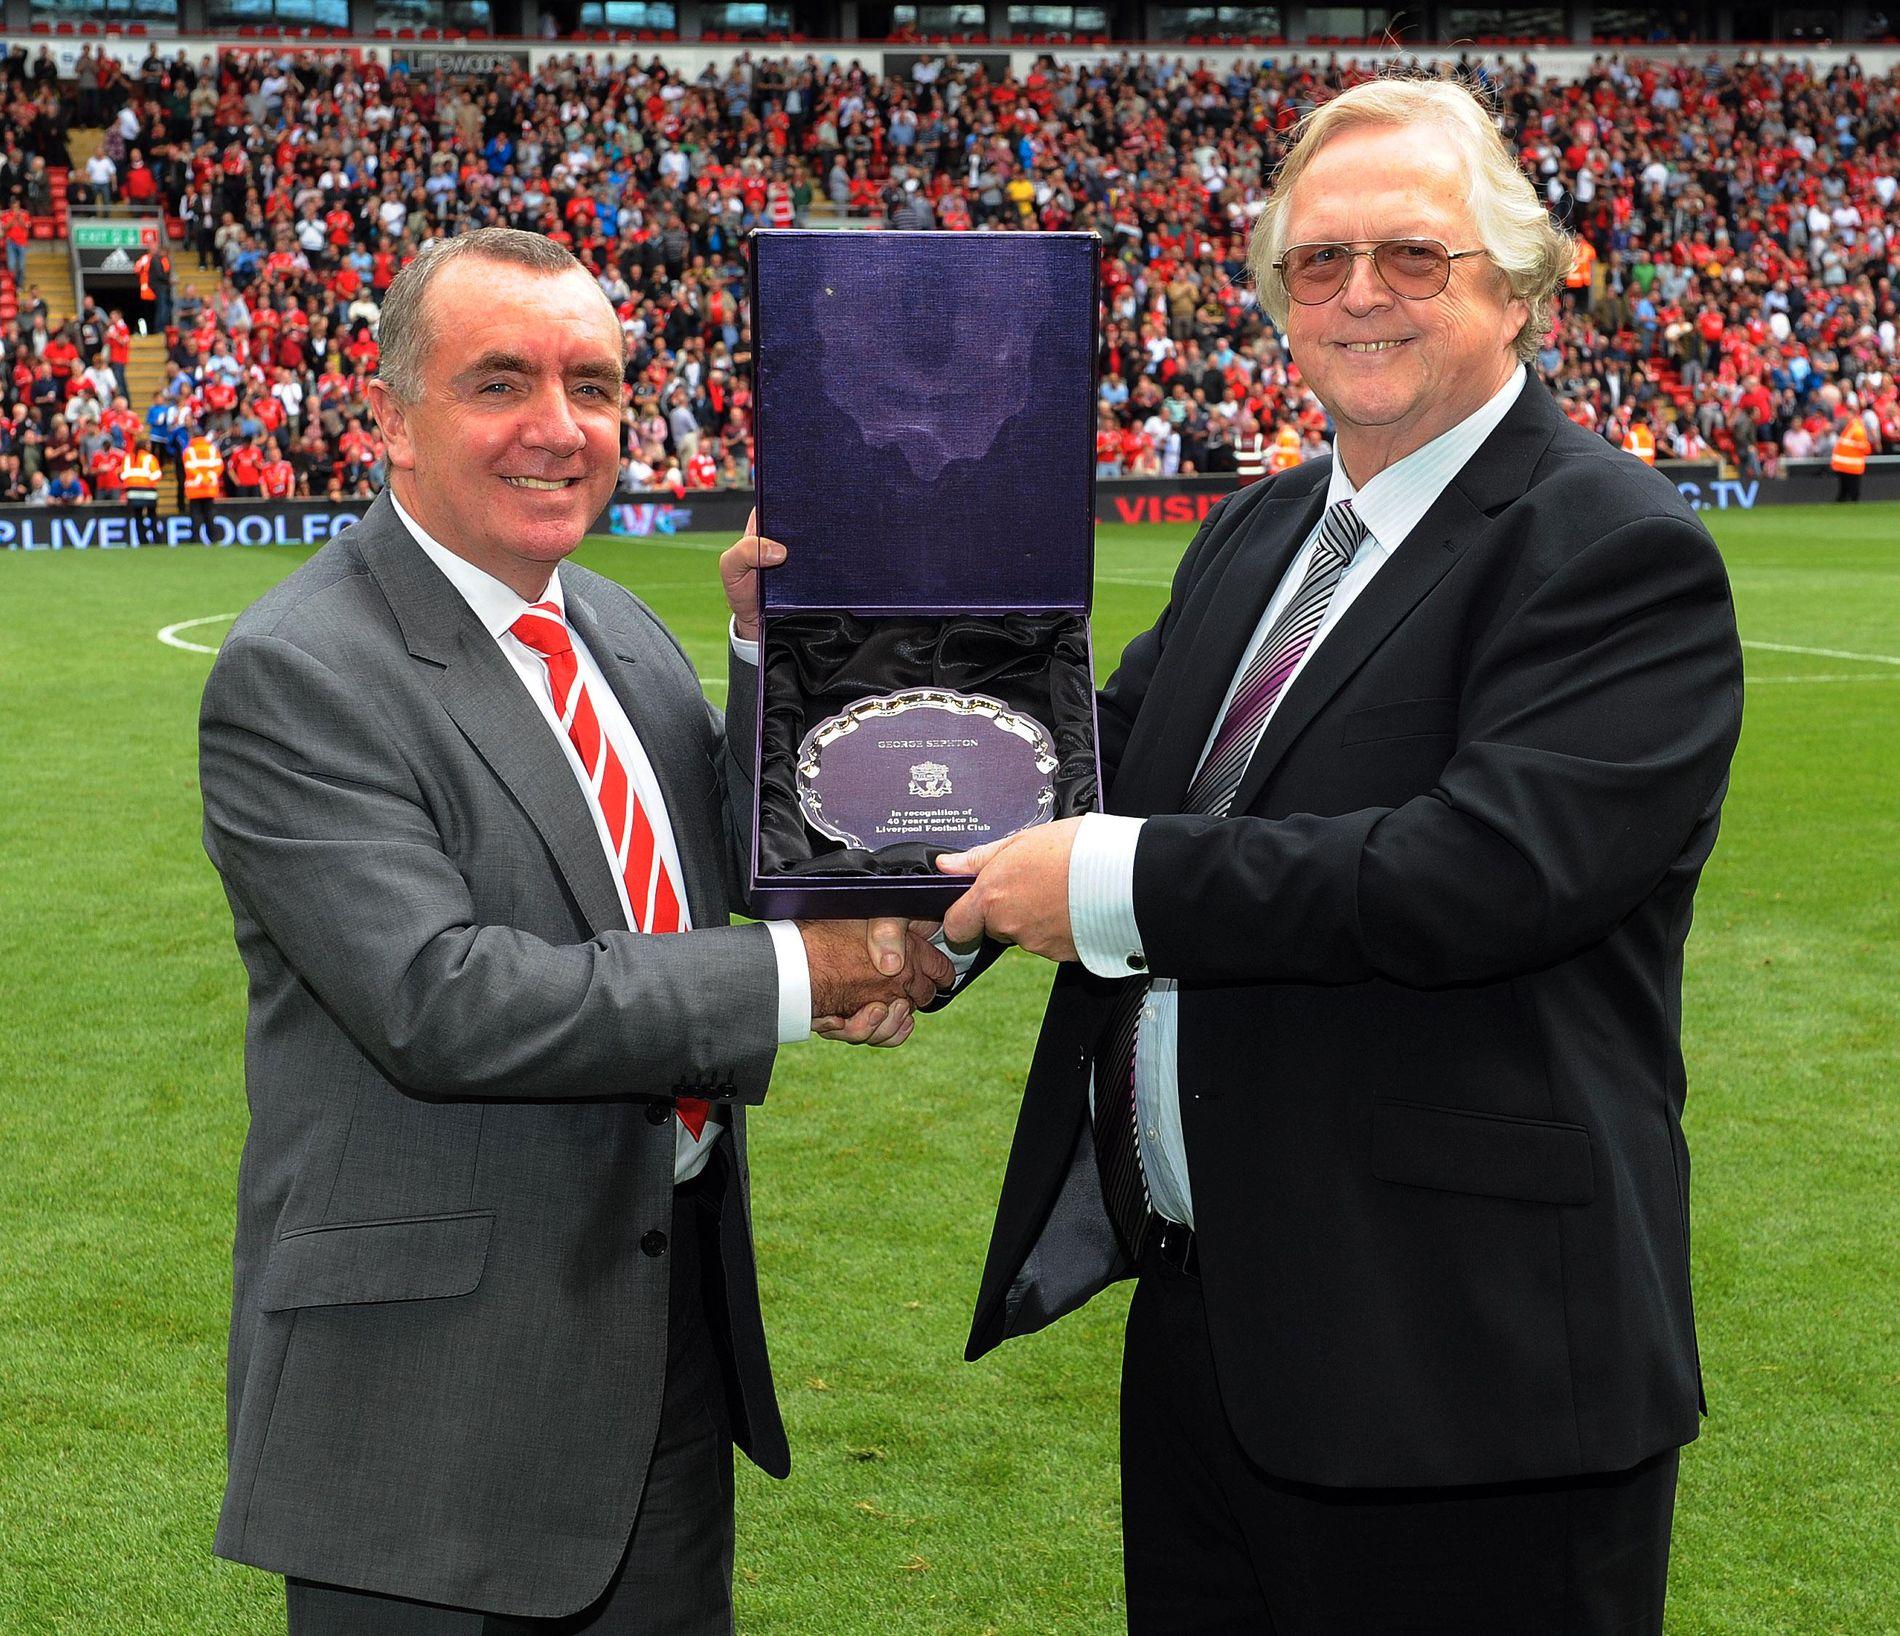 40 ÅR: Her får George Sephton overrakt en gave etter 40 år som speaker på Anfield.